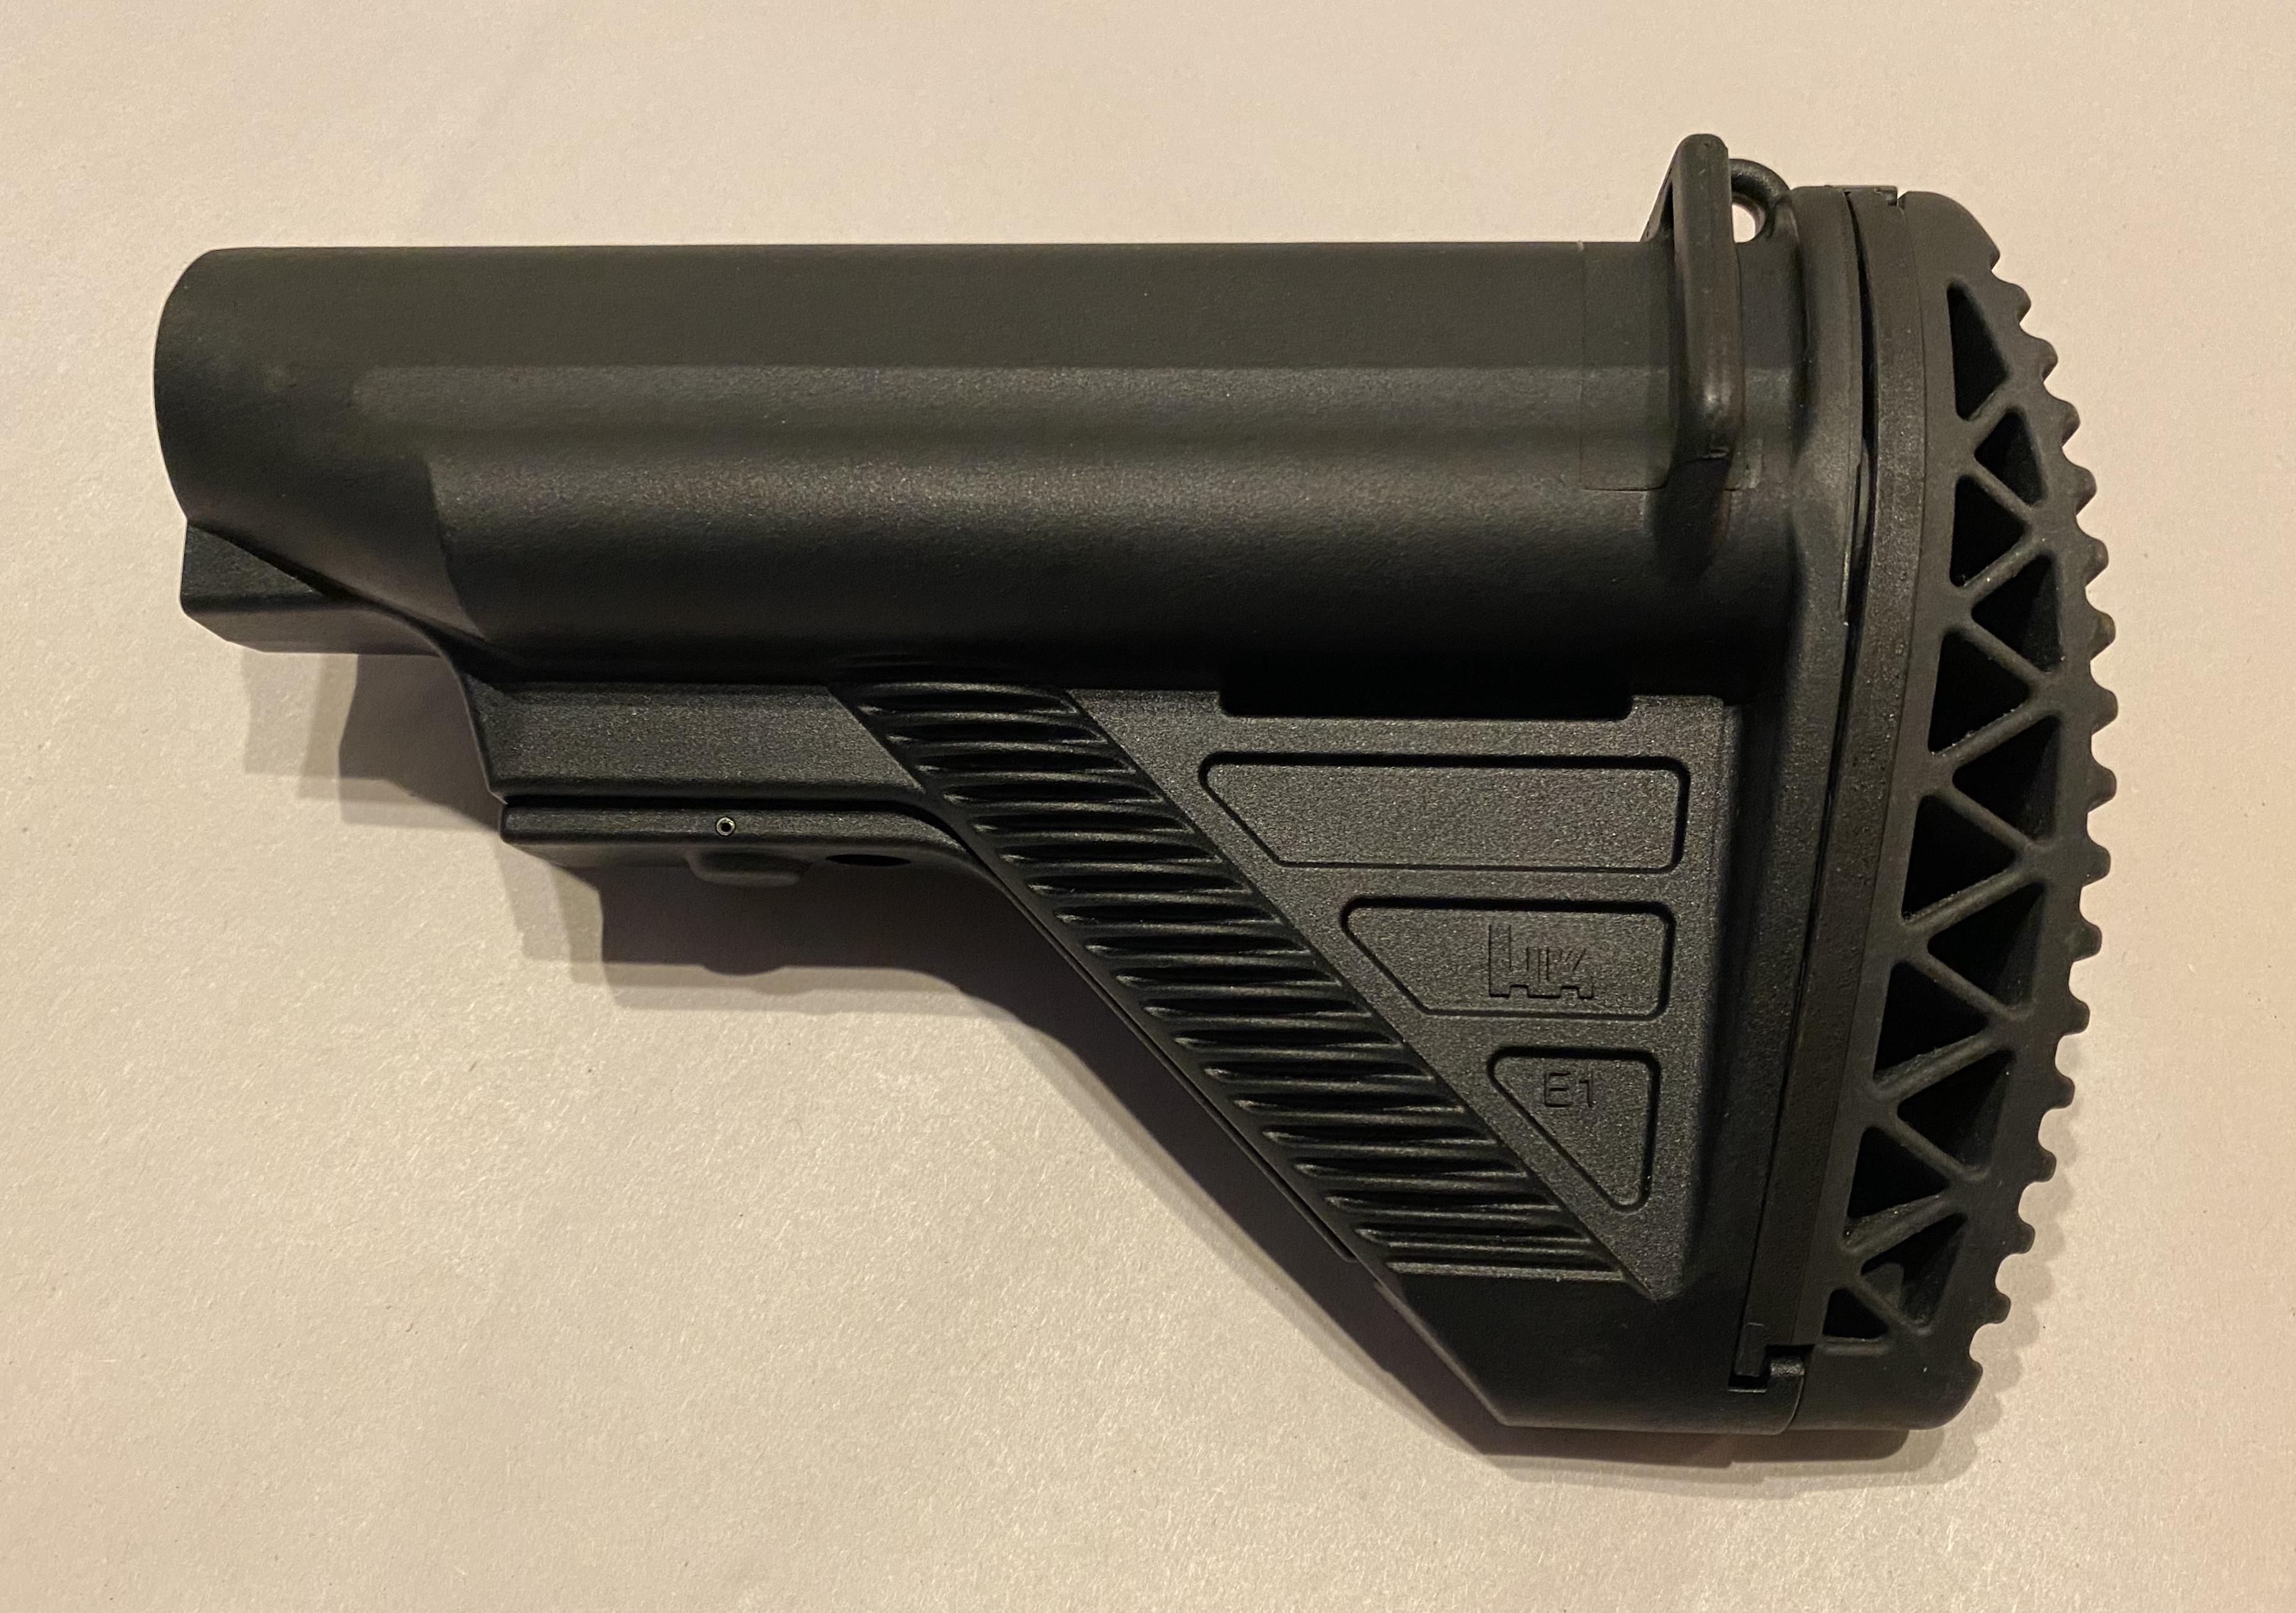 WTS: Parts list-G36E/K handguards, sight rails, G28 FH, MR556/416 stock/grip, VP9/P30-f8430af7-619c-4f84-ae79-1ee93e77ccd4.jpeg